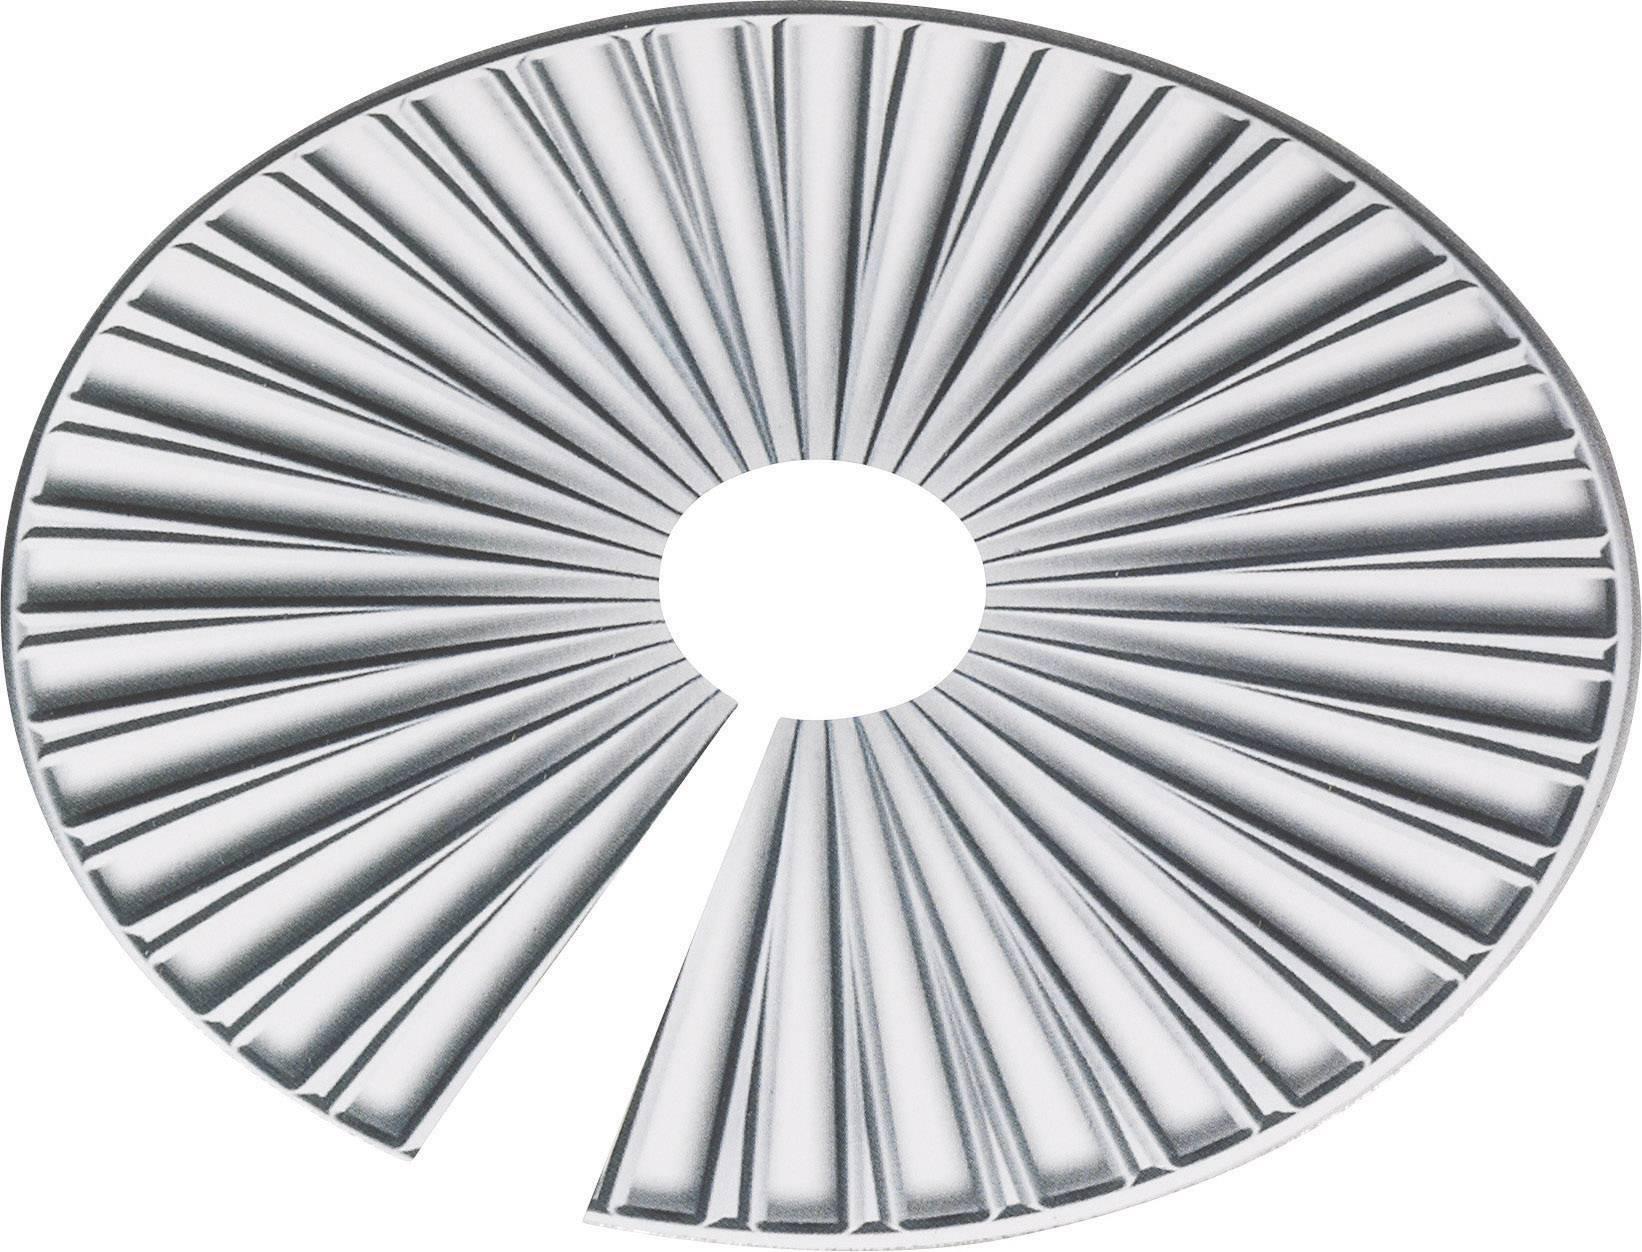 Dekorácie na disky kolies Reely DELV3704004, 1:10